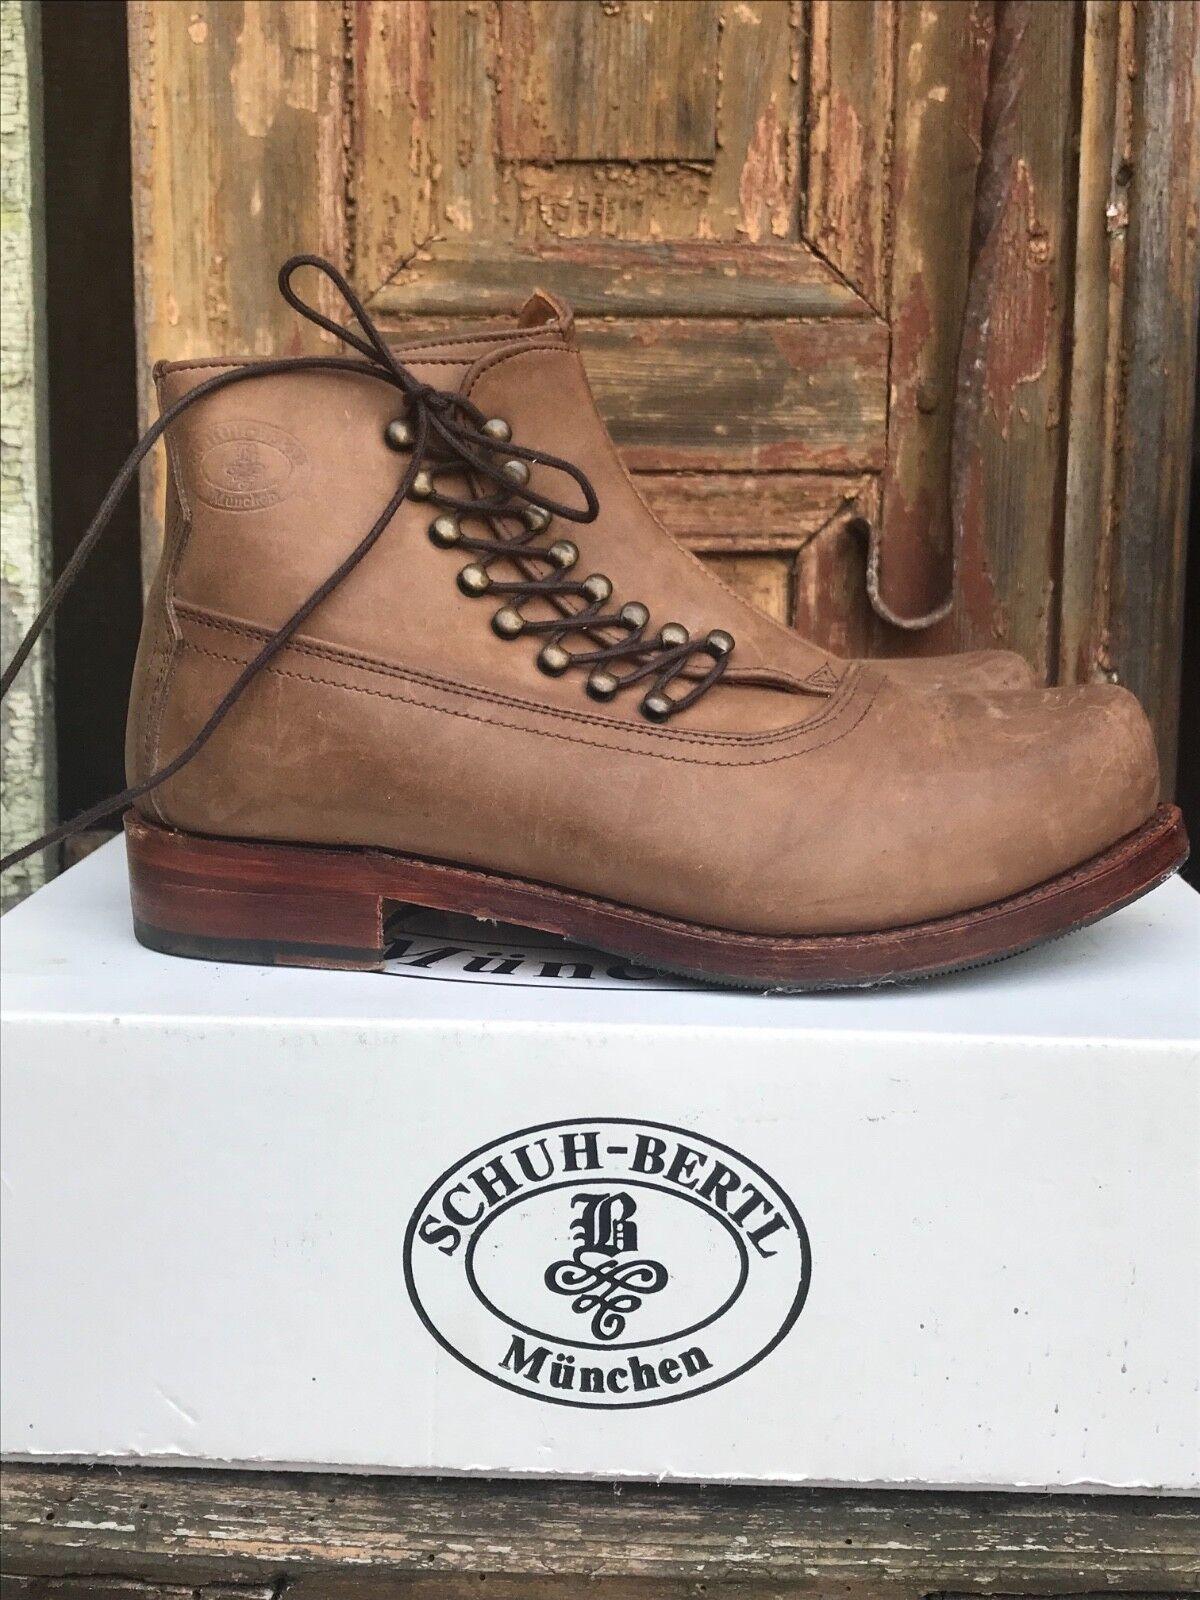 Designer Schuhe von SCHUH-BERTL MÜNCHEN Leder braun Gr.39